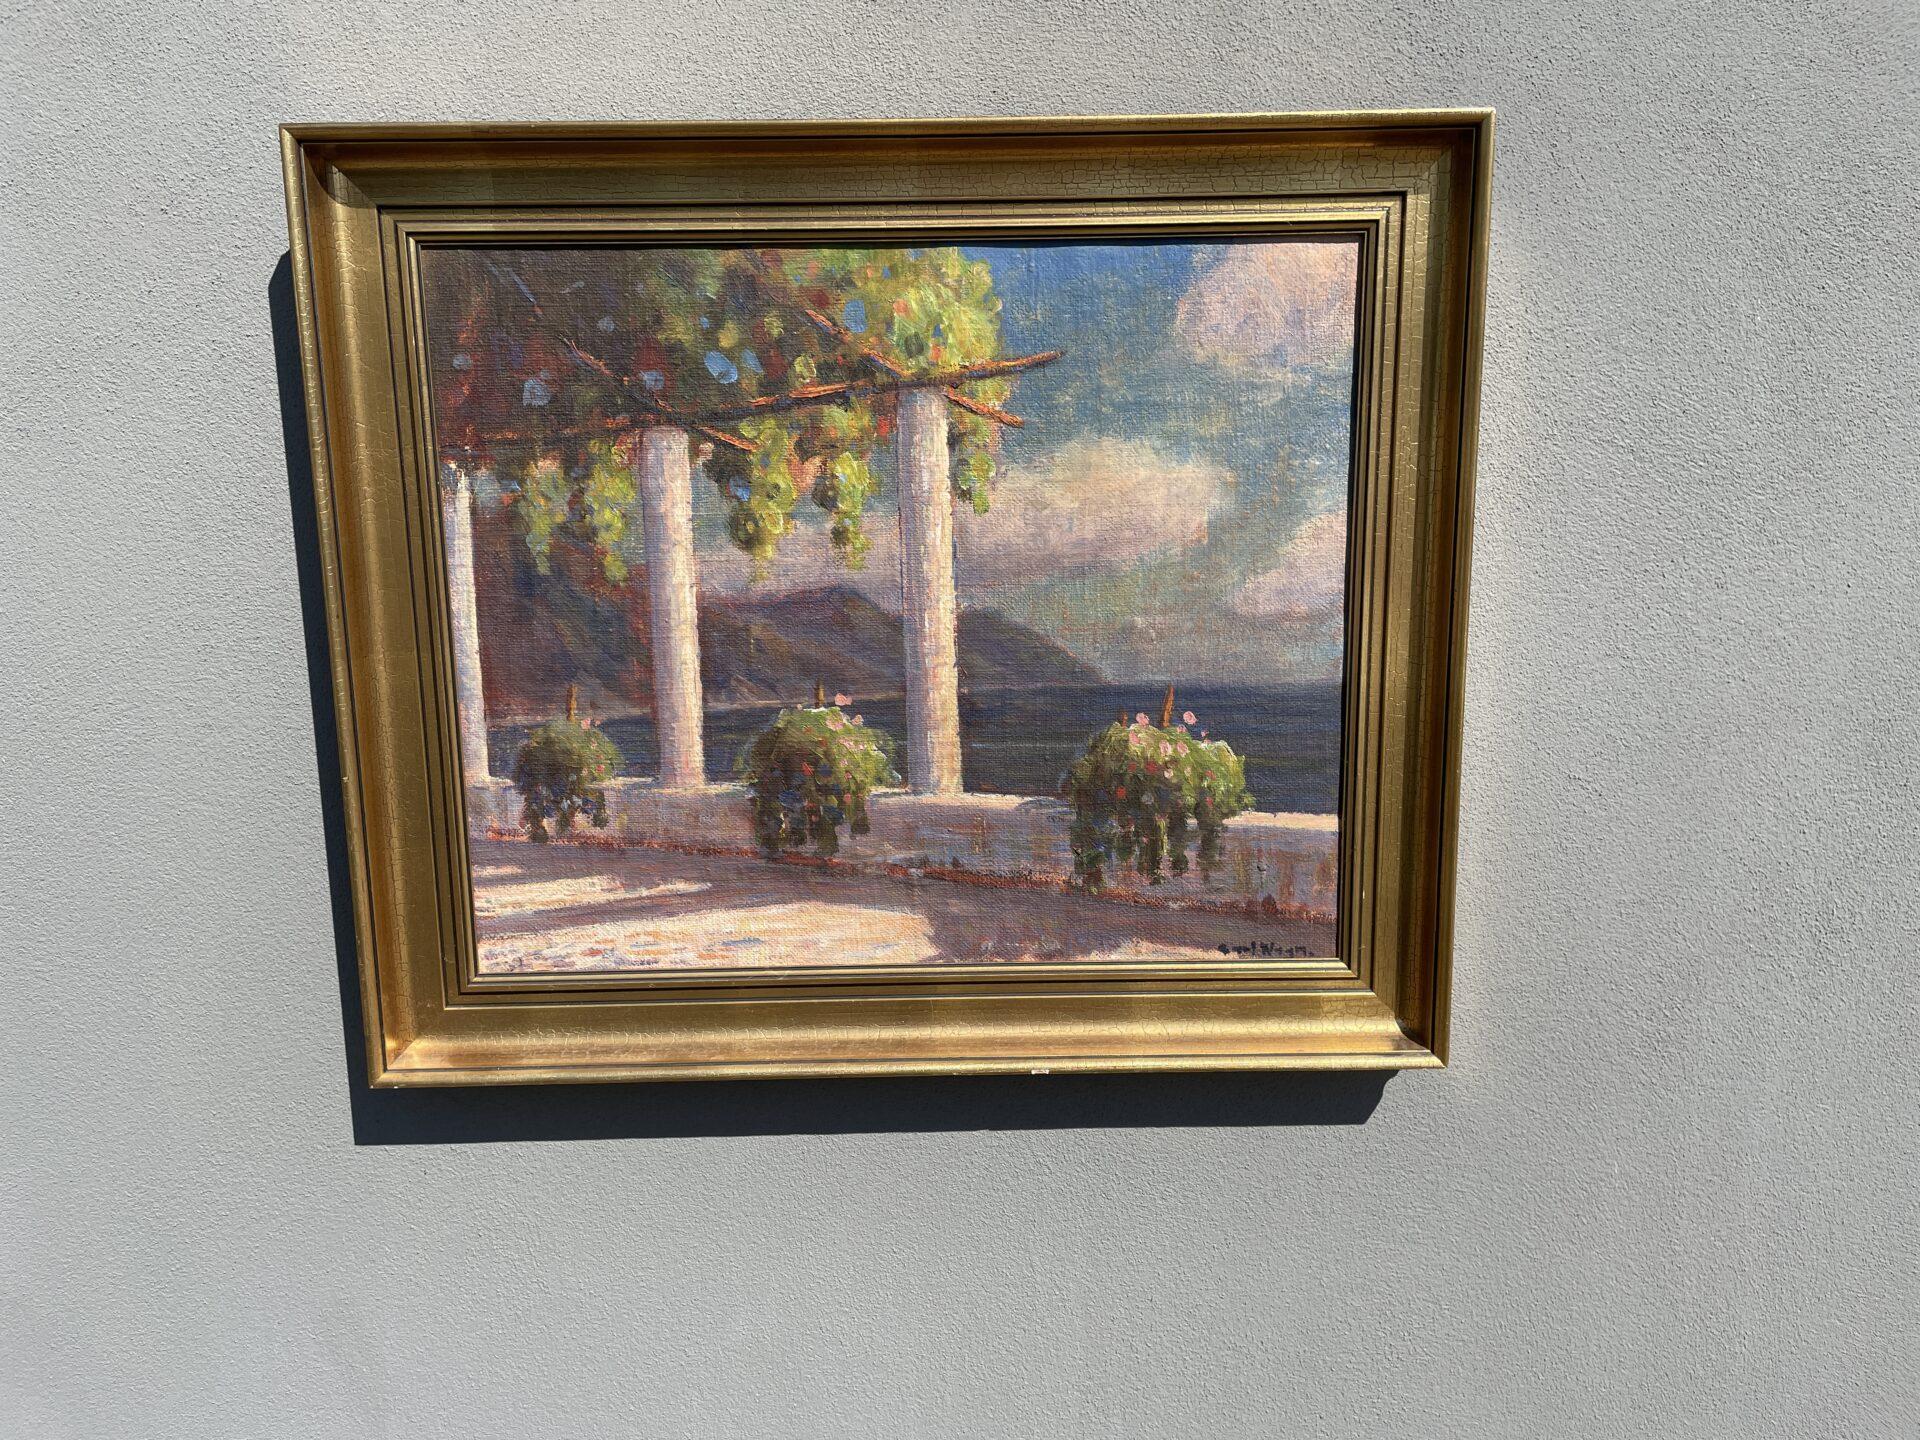 Maleri sign. Carl Wagn, rammemål 70x60 cm, pris 500kr